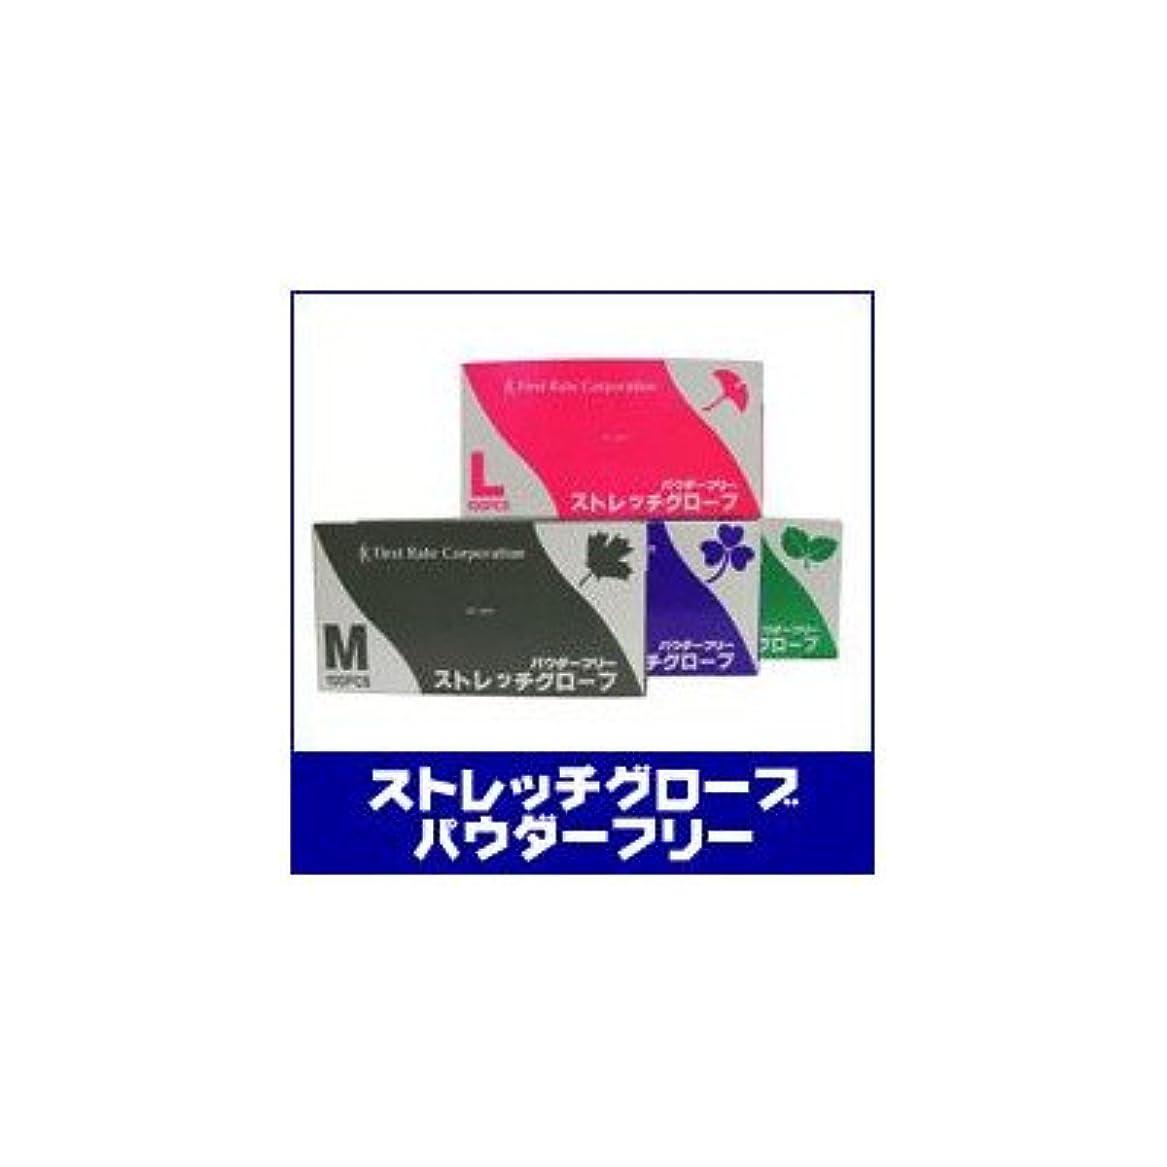 スポーツの試合を担当している人定常行方不明ストレッチグローブ(パウダー無)10箱-ケース Mサイズ